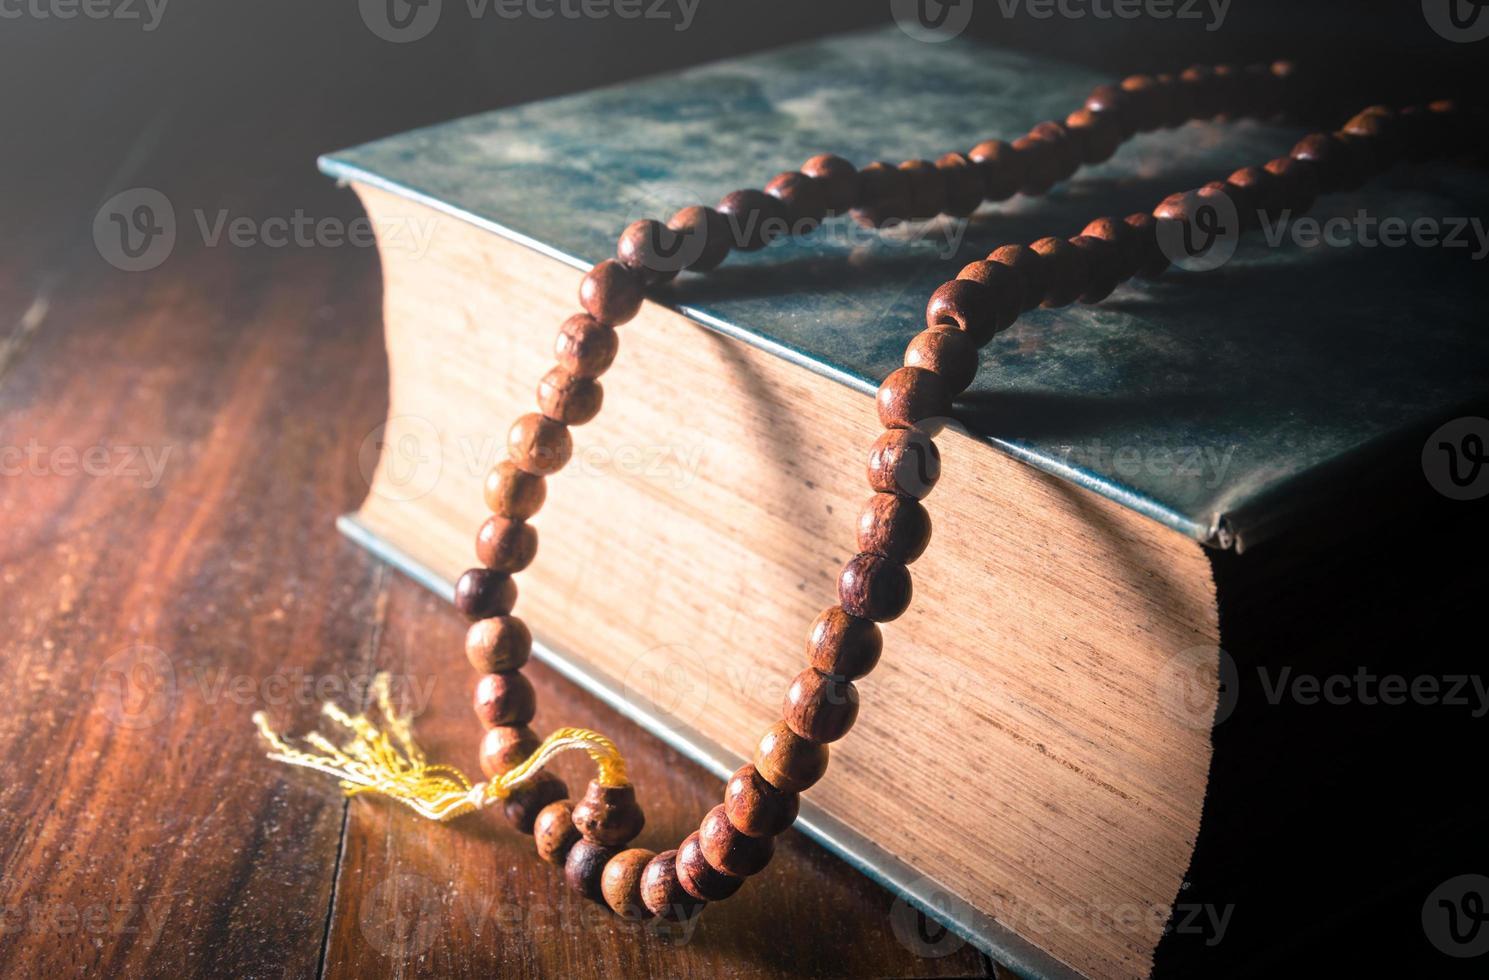 vintage filtrerad av halsband på bok, religion bakgrund. foto